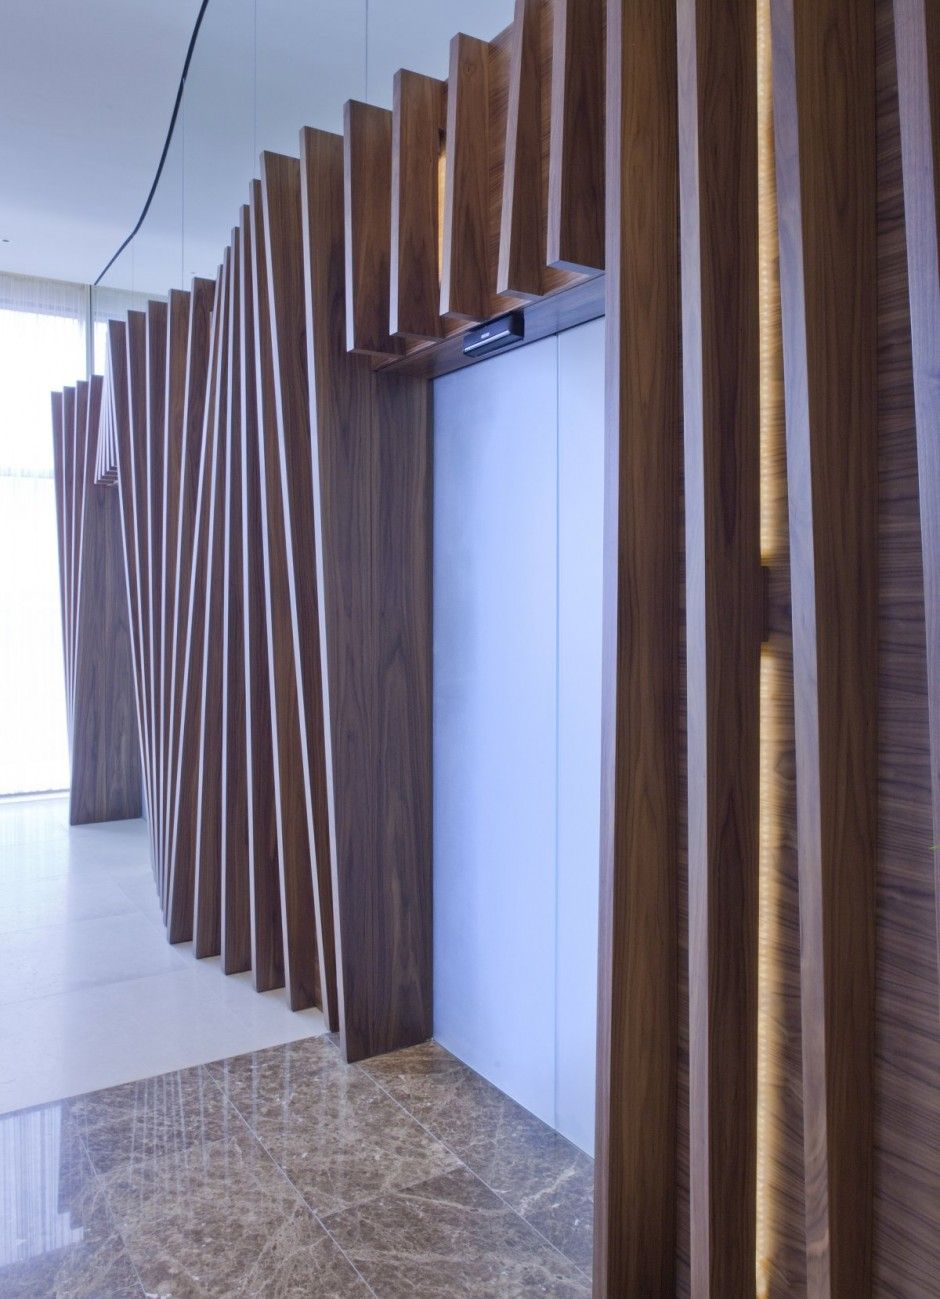 Idee Habillage Mur Interieur like this design detail une idée d'habillage pour les murs